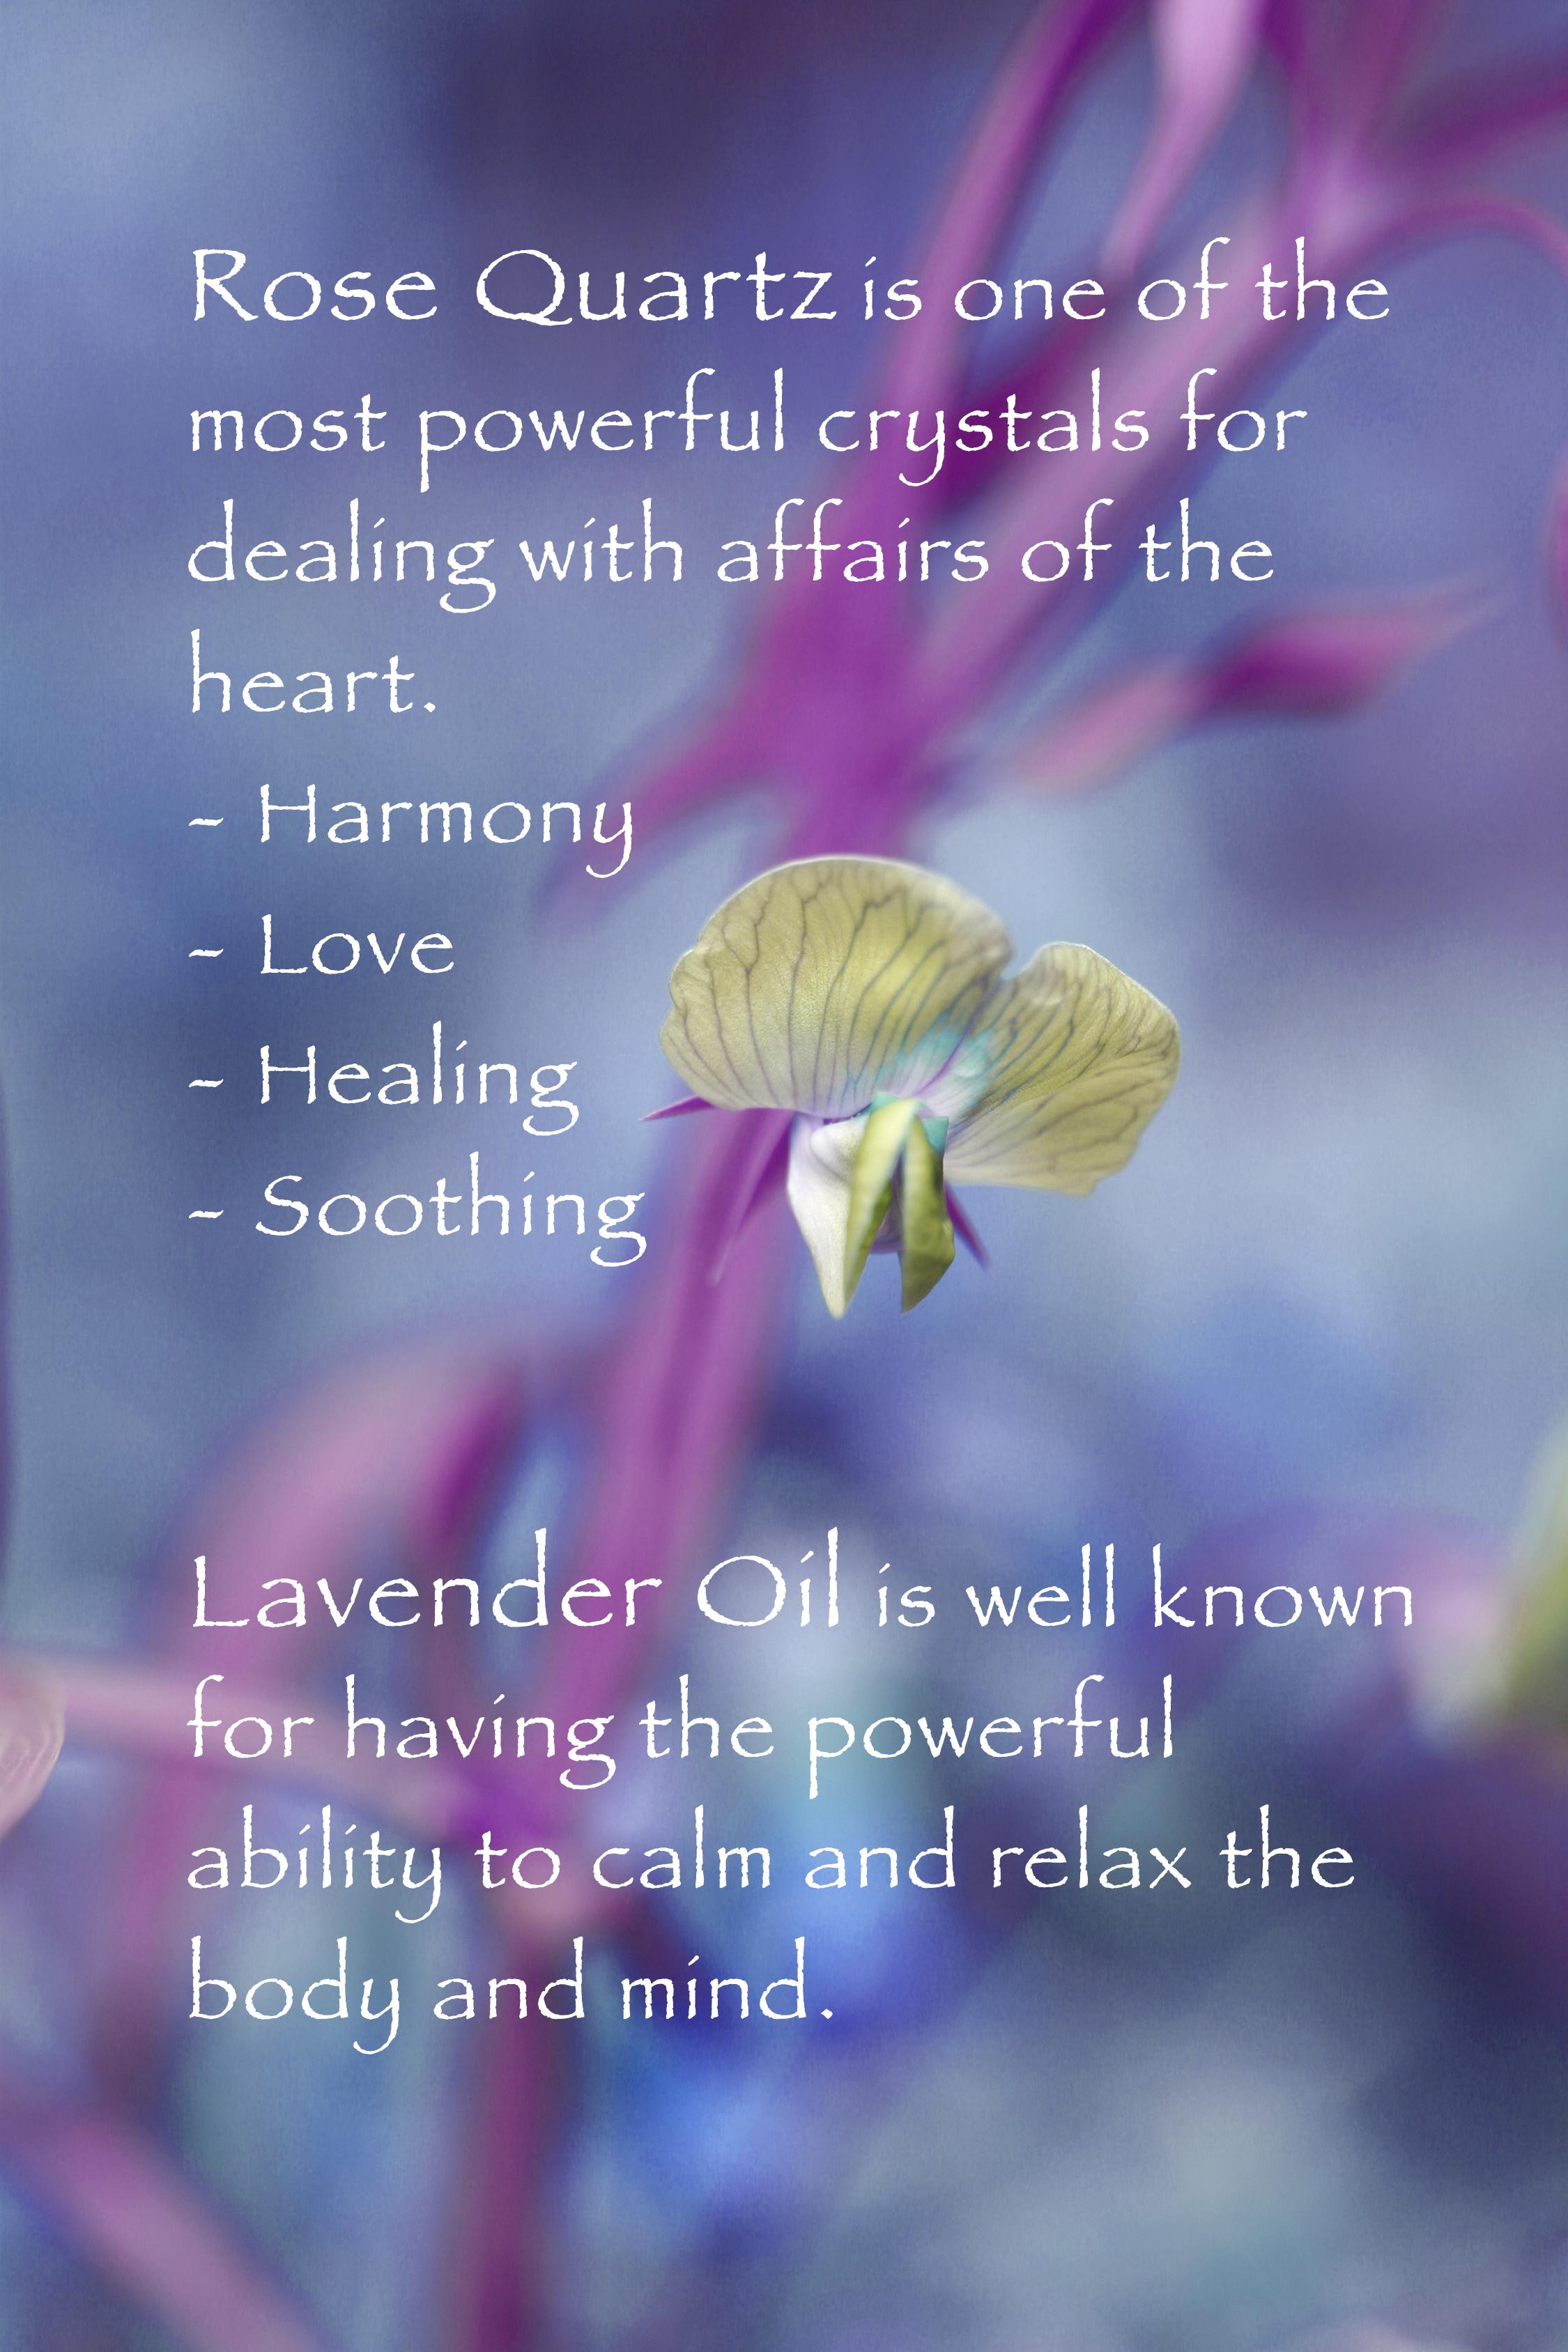 RoseQuartz_Lavender.jpg